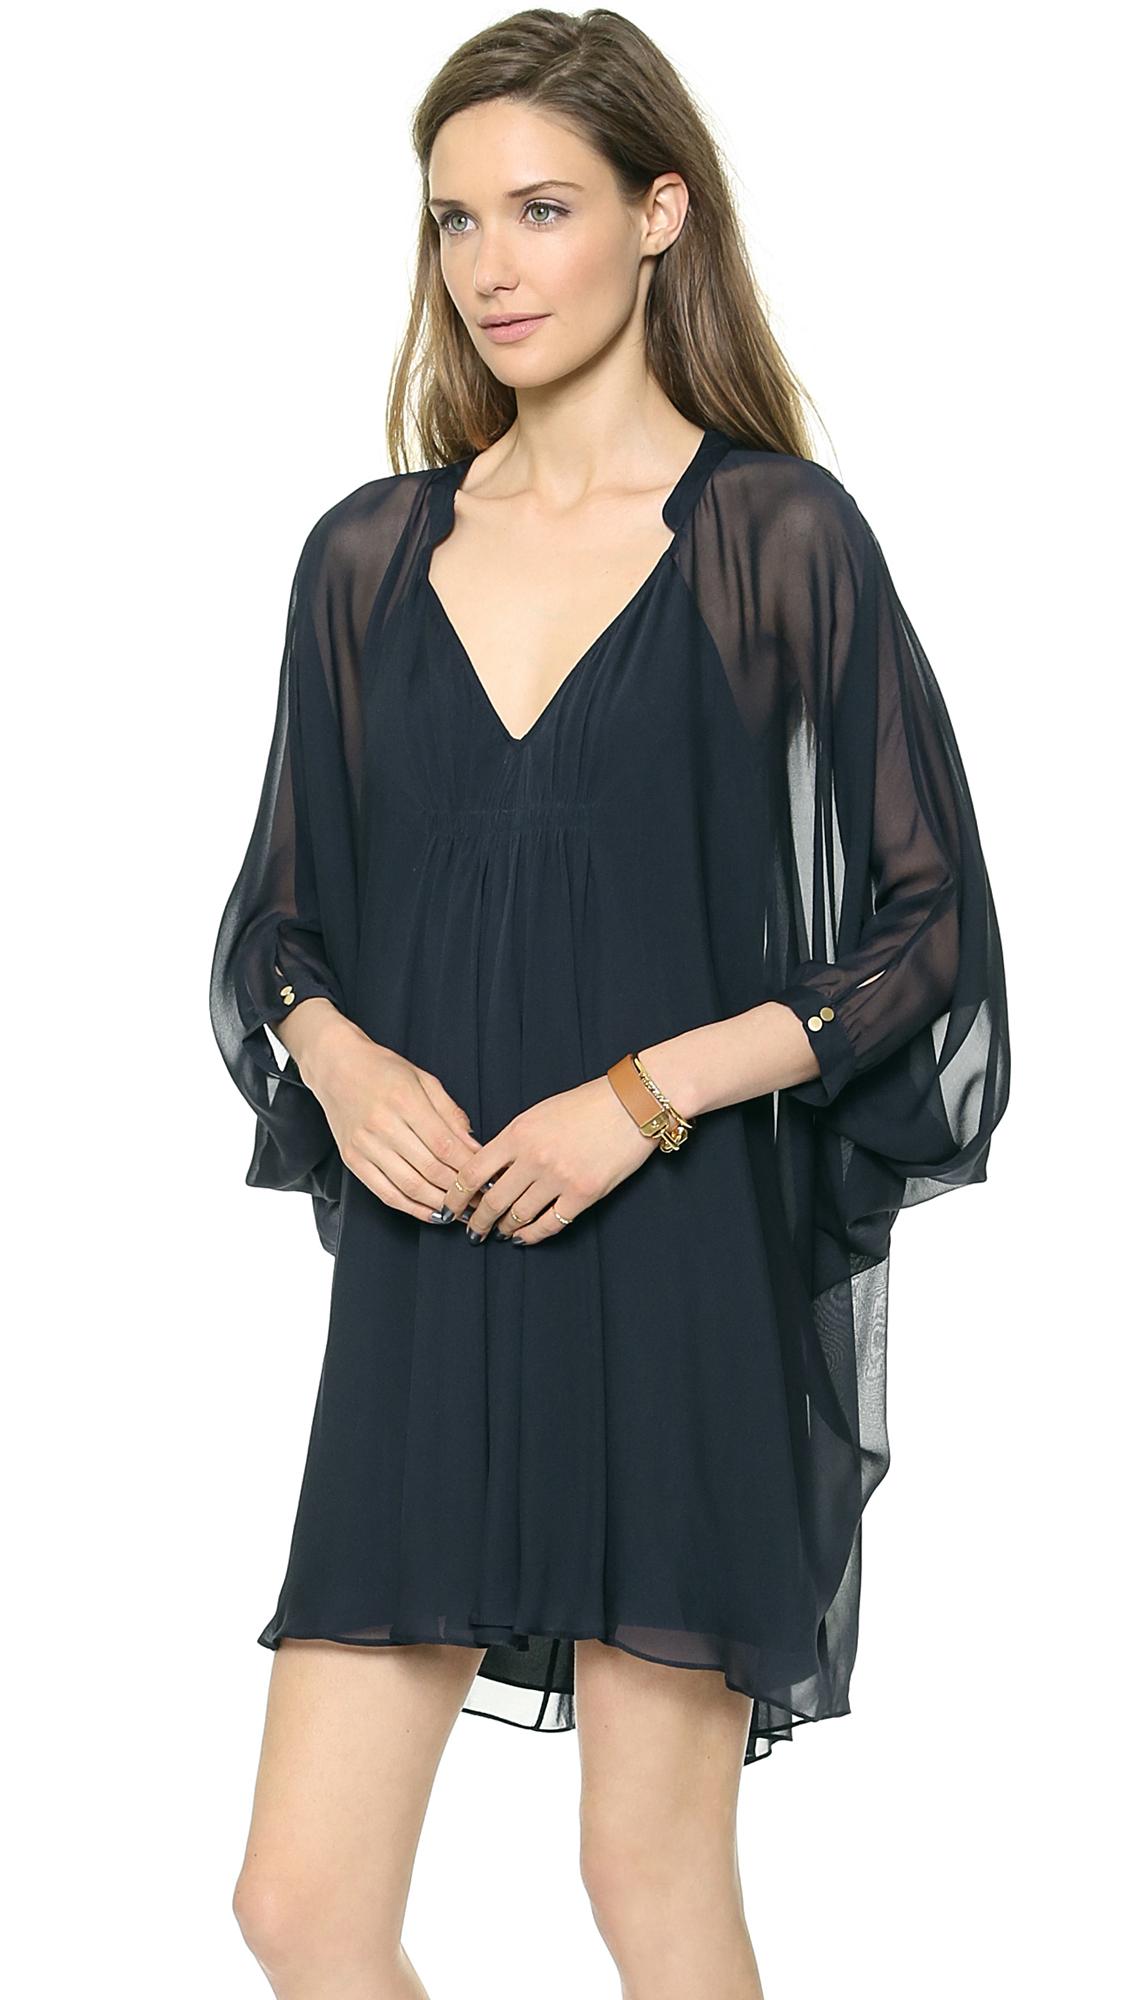 c8f92ce97917 Diane von Furstenberg Fleurette Dress